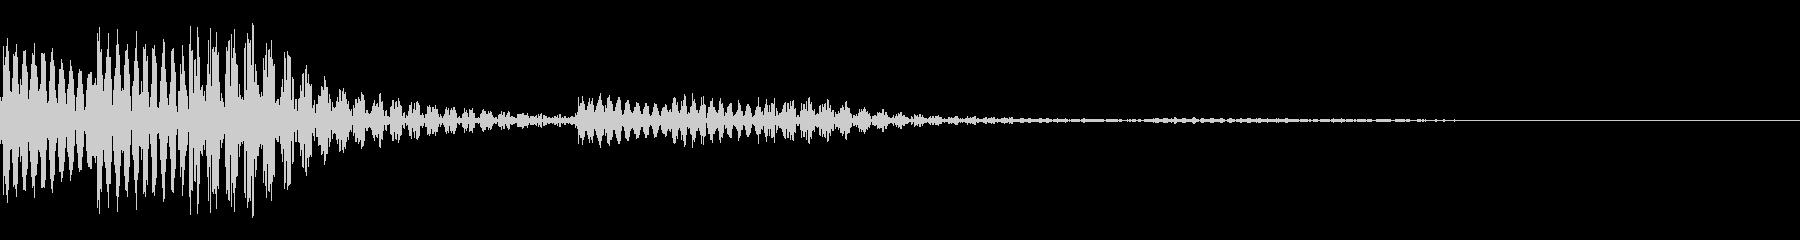 コロンとしたタッチ音です。の未再生の波形